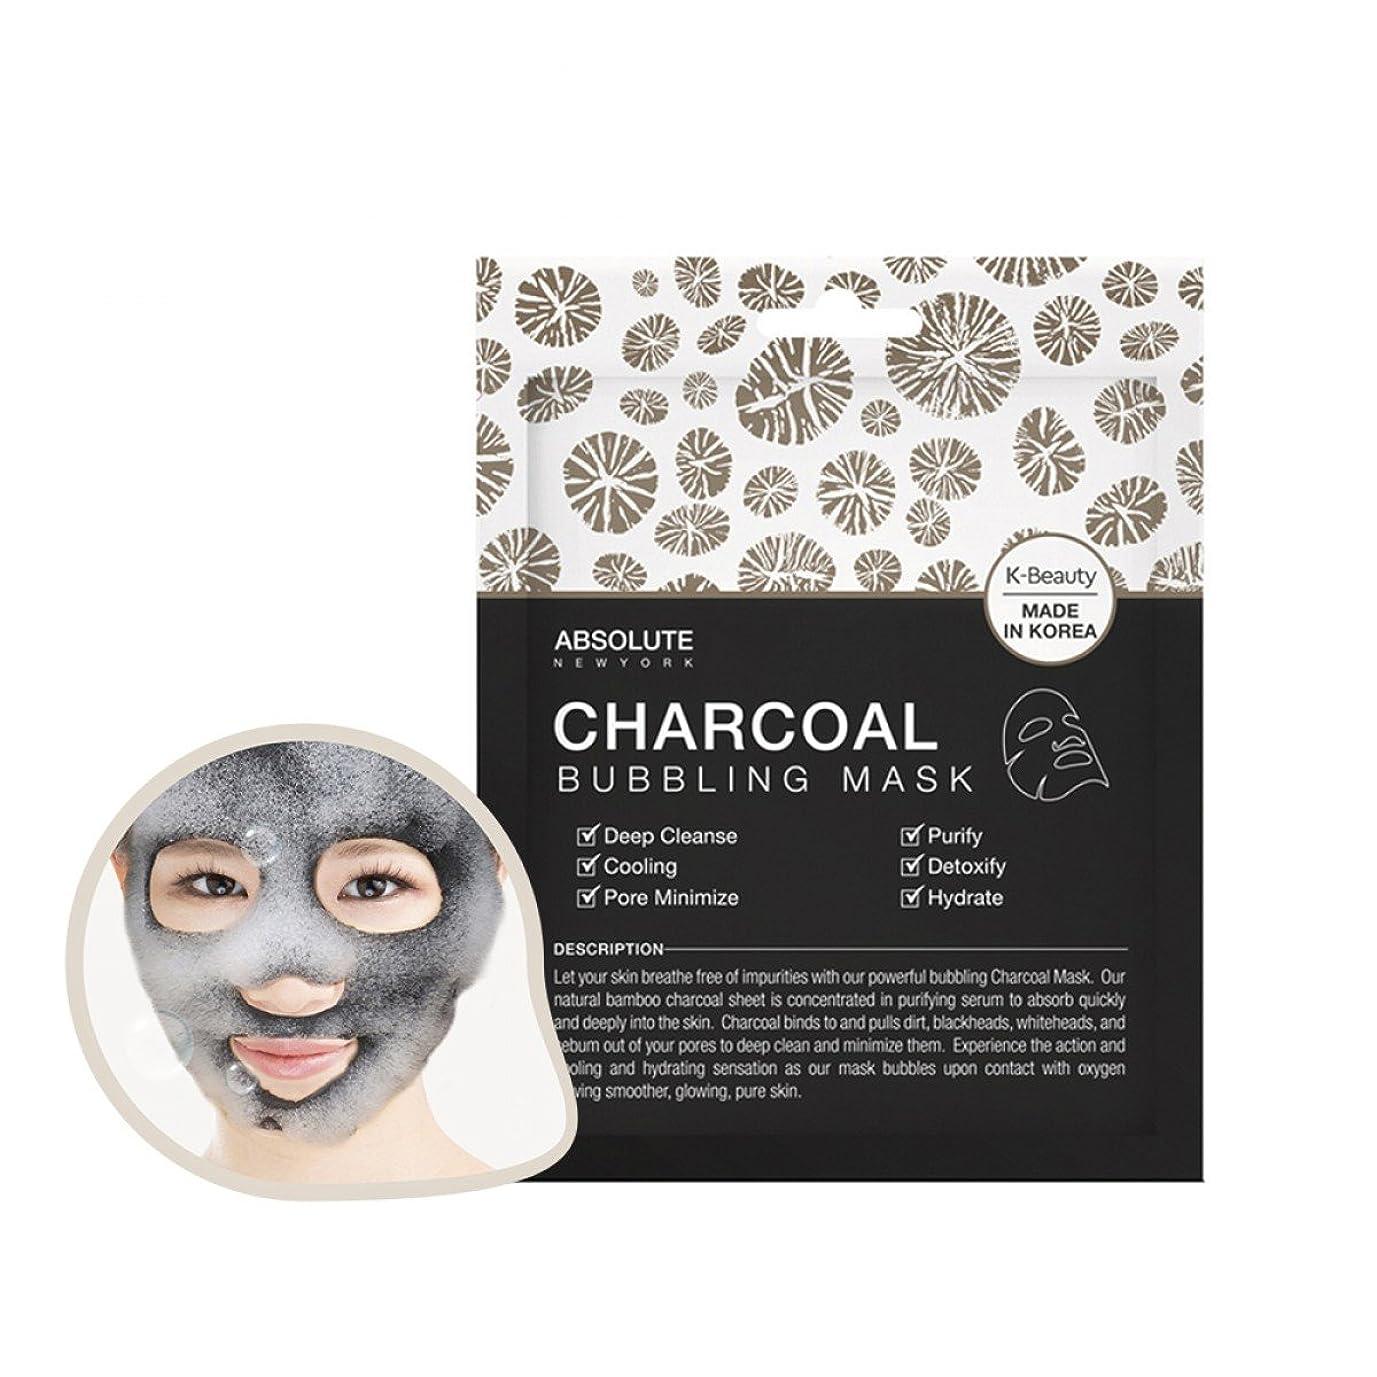 コンパス杭マナーABSOLUTE Charcoal Bubbling Mask (並行輸入品)